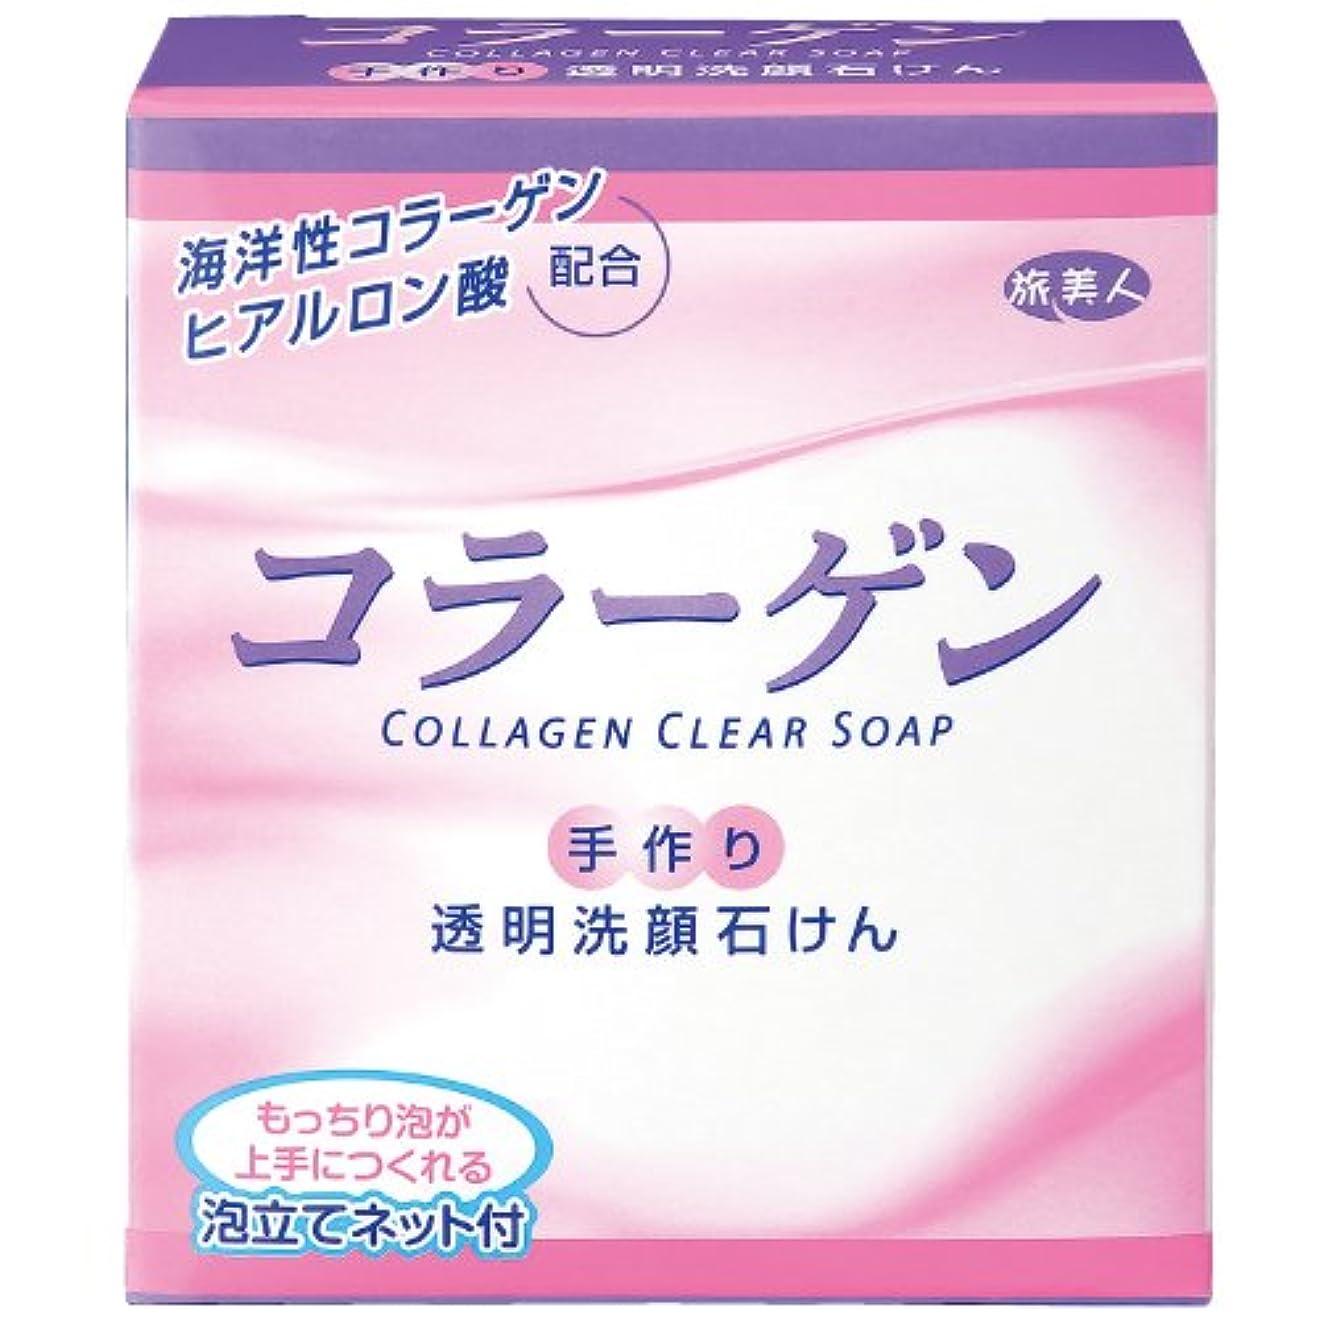 宗教的な繰り返した白いアズマ商事の コラーゲン透明洗顔石鹸 手作り